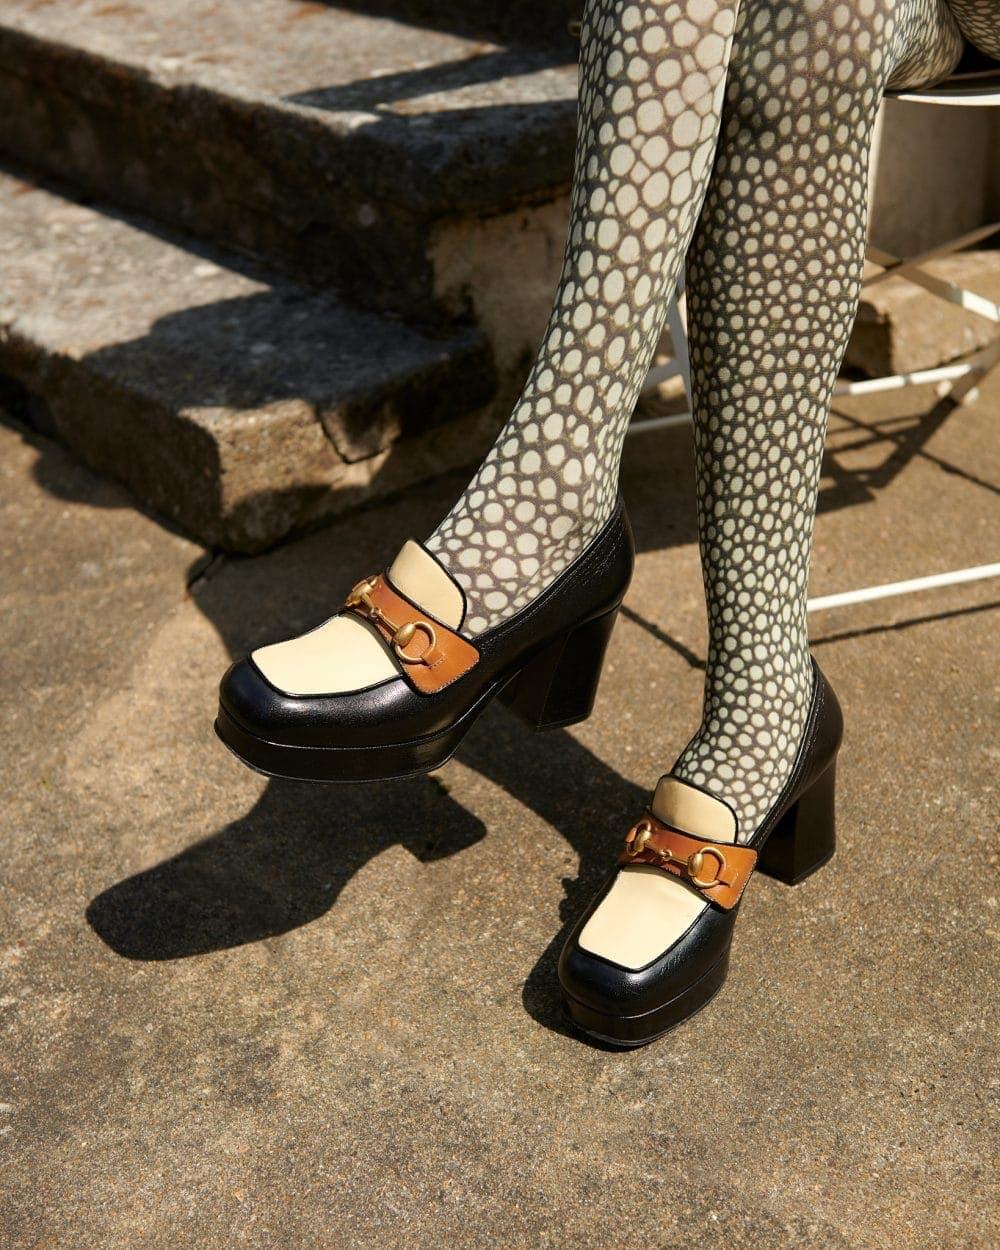 Fendi footwear